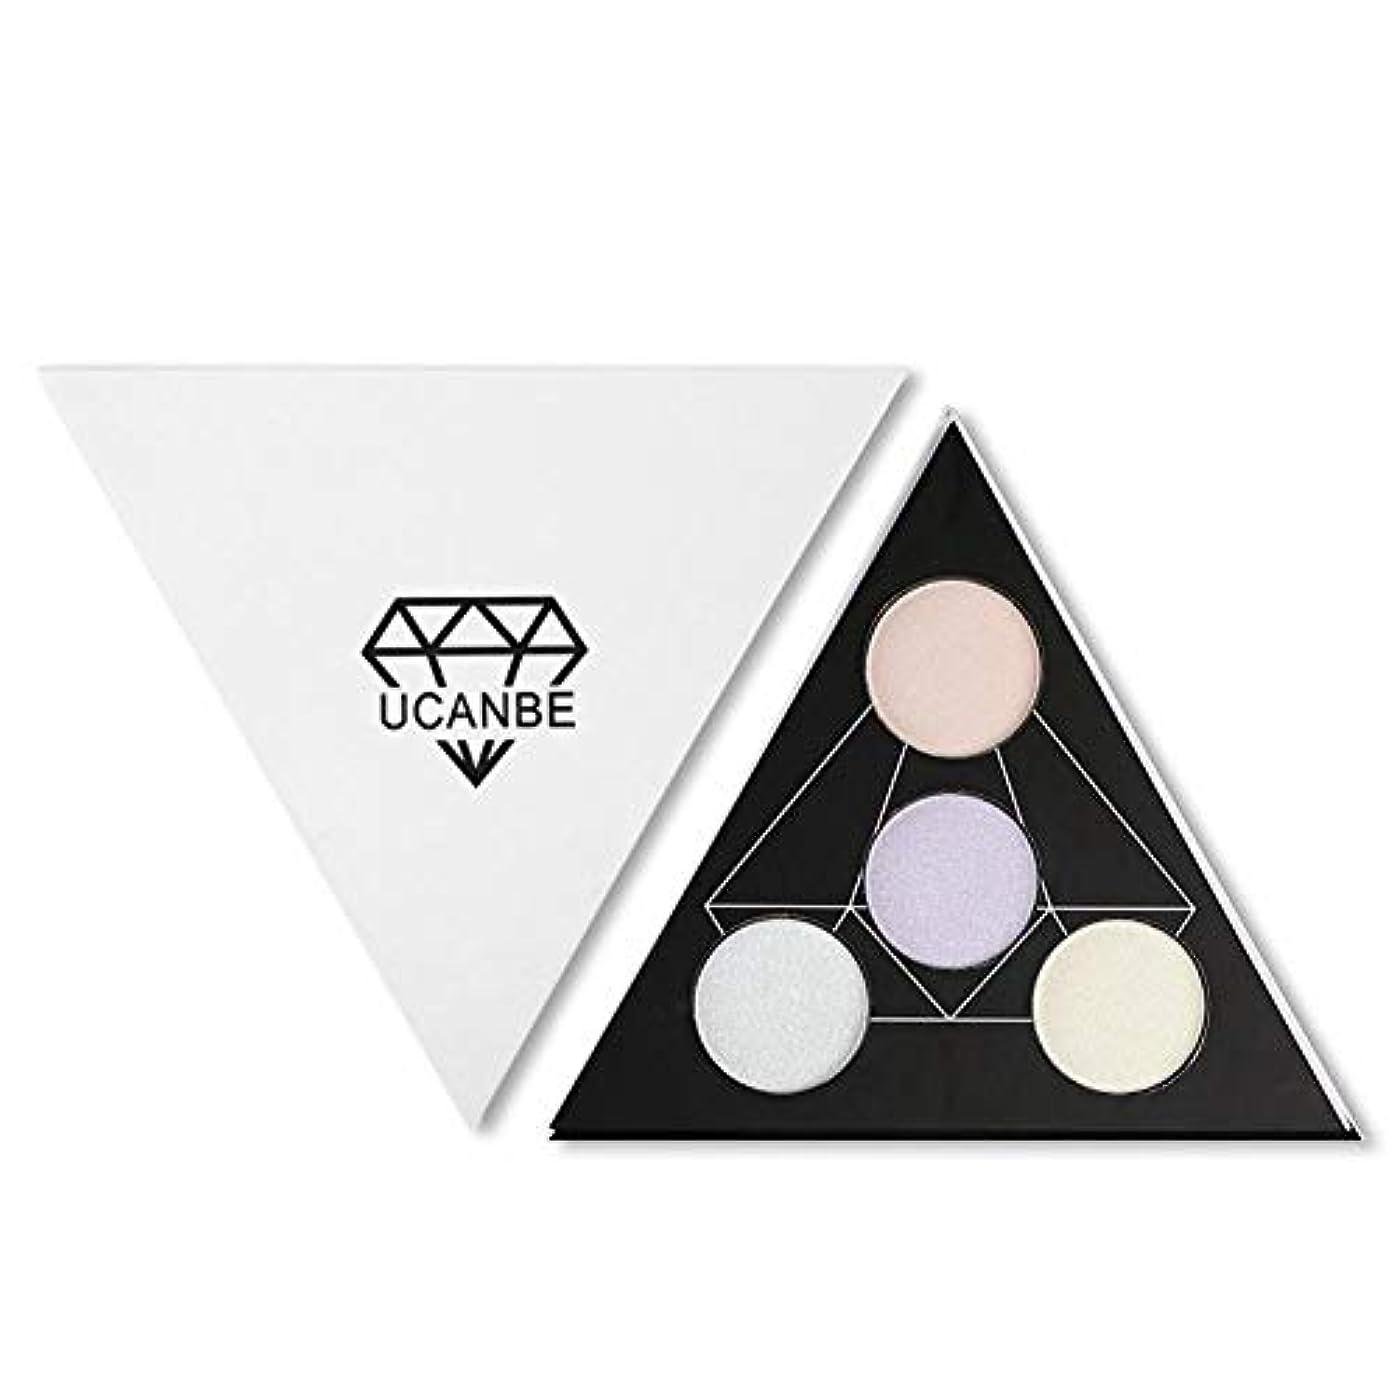 保持する億置換sunyueydeng アイシャドウ, 4色アイシャドウ化粧高精細ディスクカメレオン4色ハイライトパウダー修復アイシャドウトレイ2つ1つ(1#)